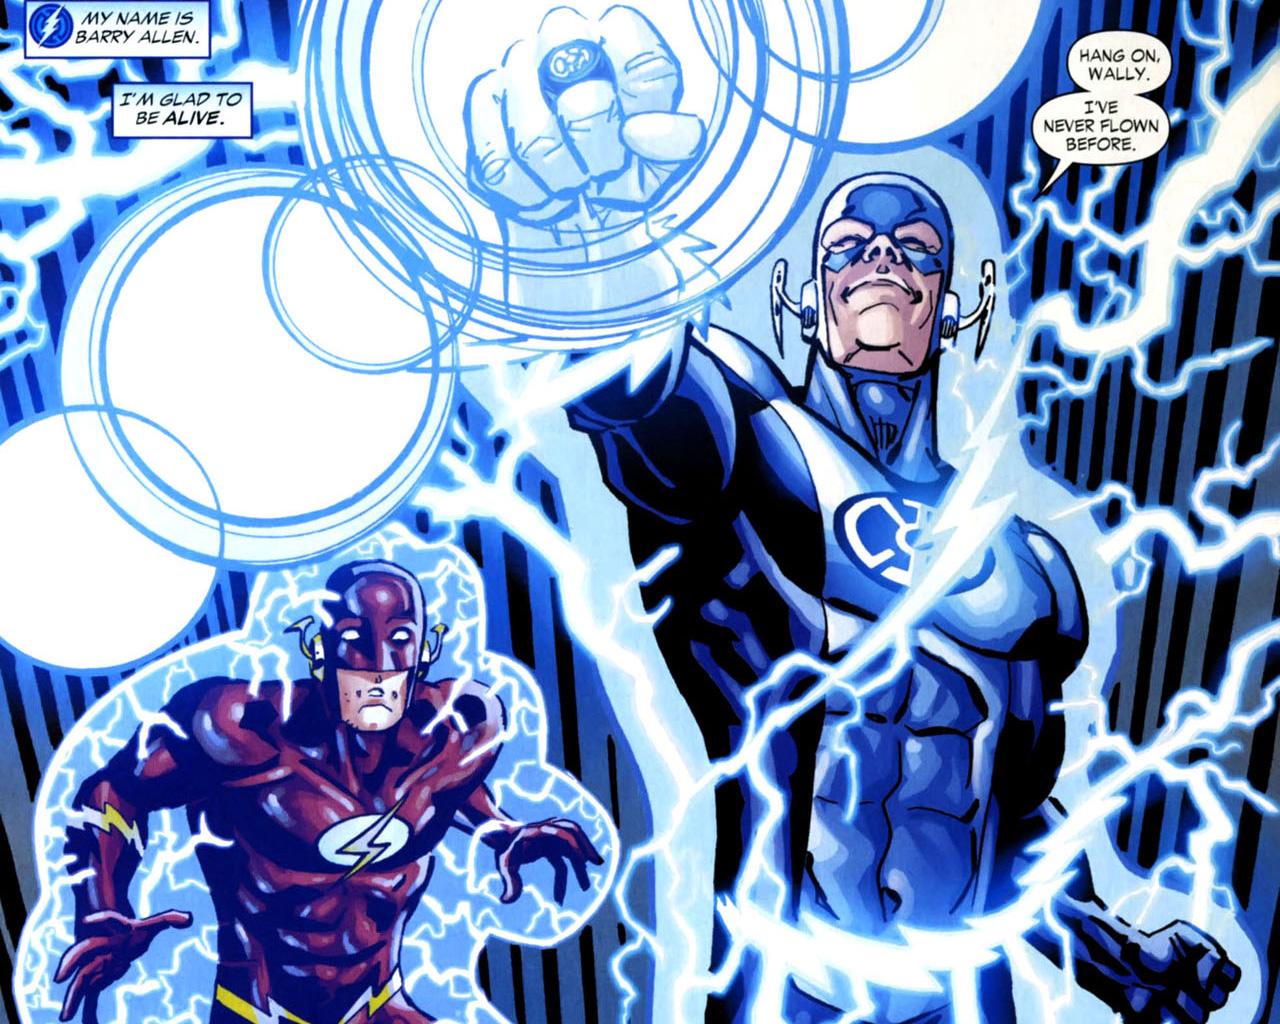 Blue Lantern Wallpaper Hd Dc comics wallpaper 1280x1024